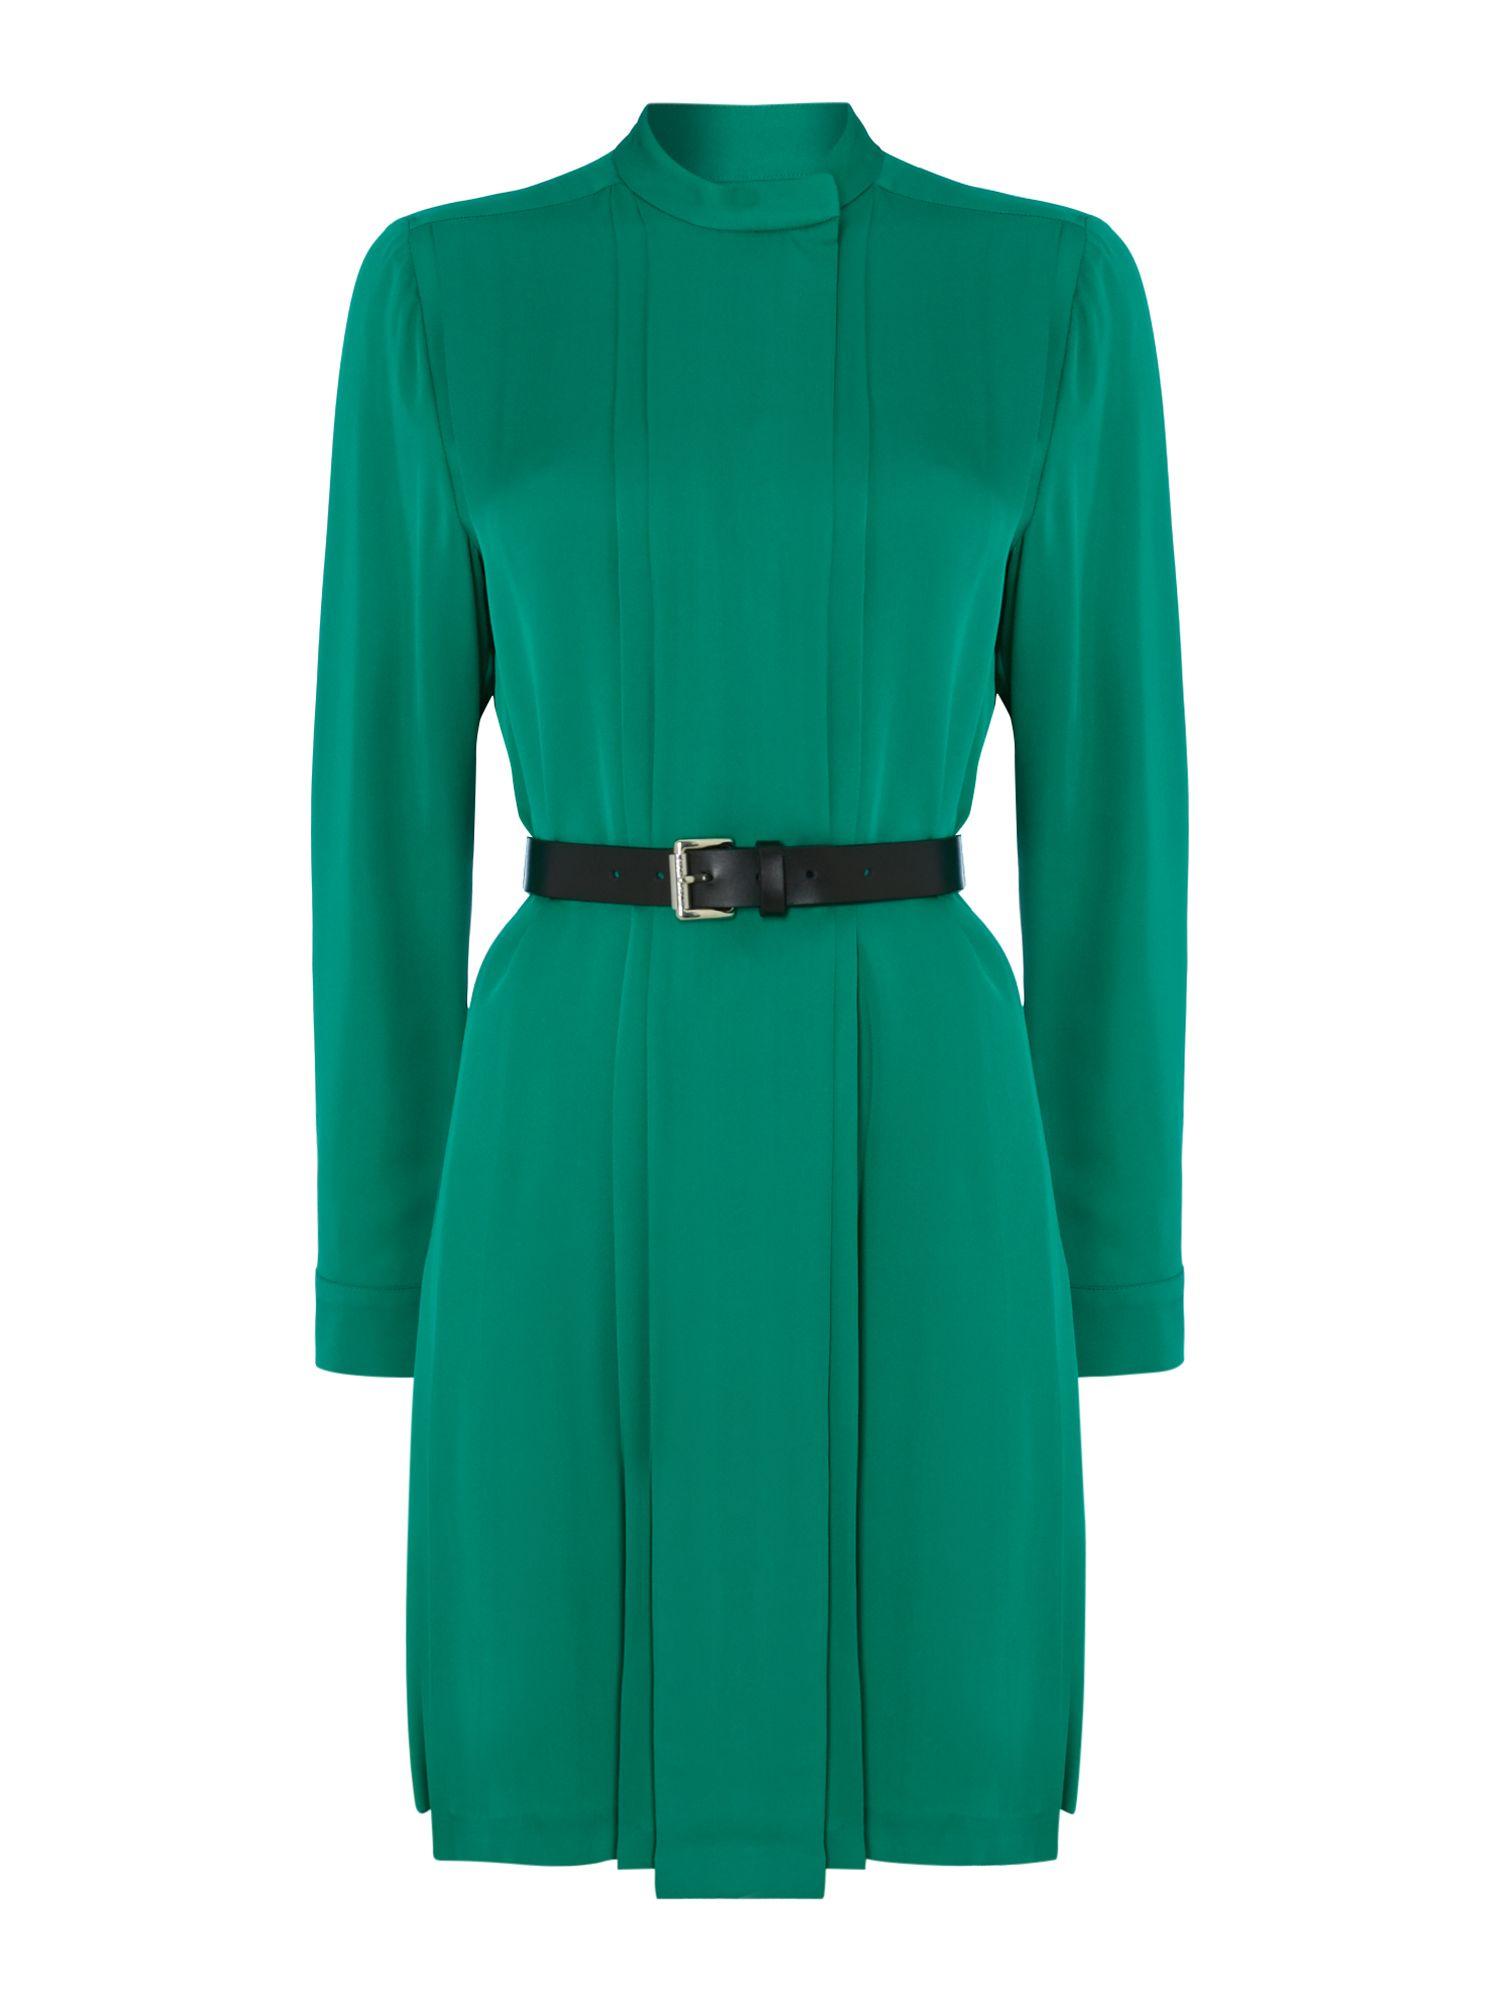 Michael kors long sleeve silk shirt belted dress in green for Long sleeve silk shirt dress